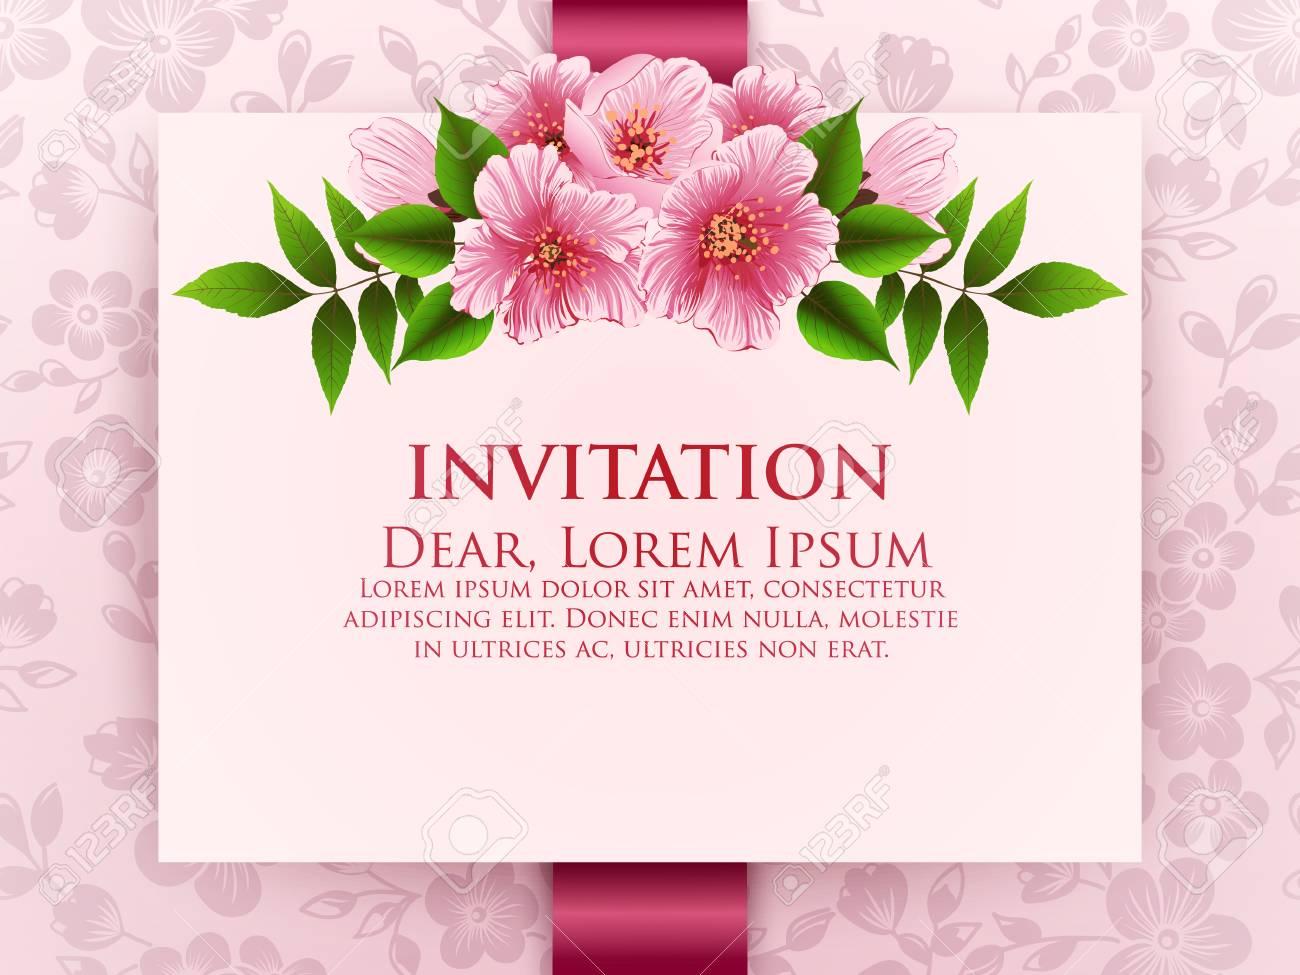 Tarjeta De Invitación De Boda Vector La Tarjeta De La Invitación Con El Fondo Floral Y El Marco Elegante Con El Texto Adornado Con La Composición De